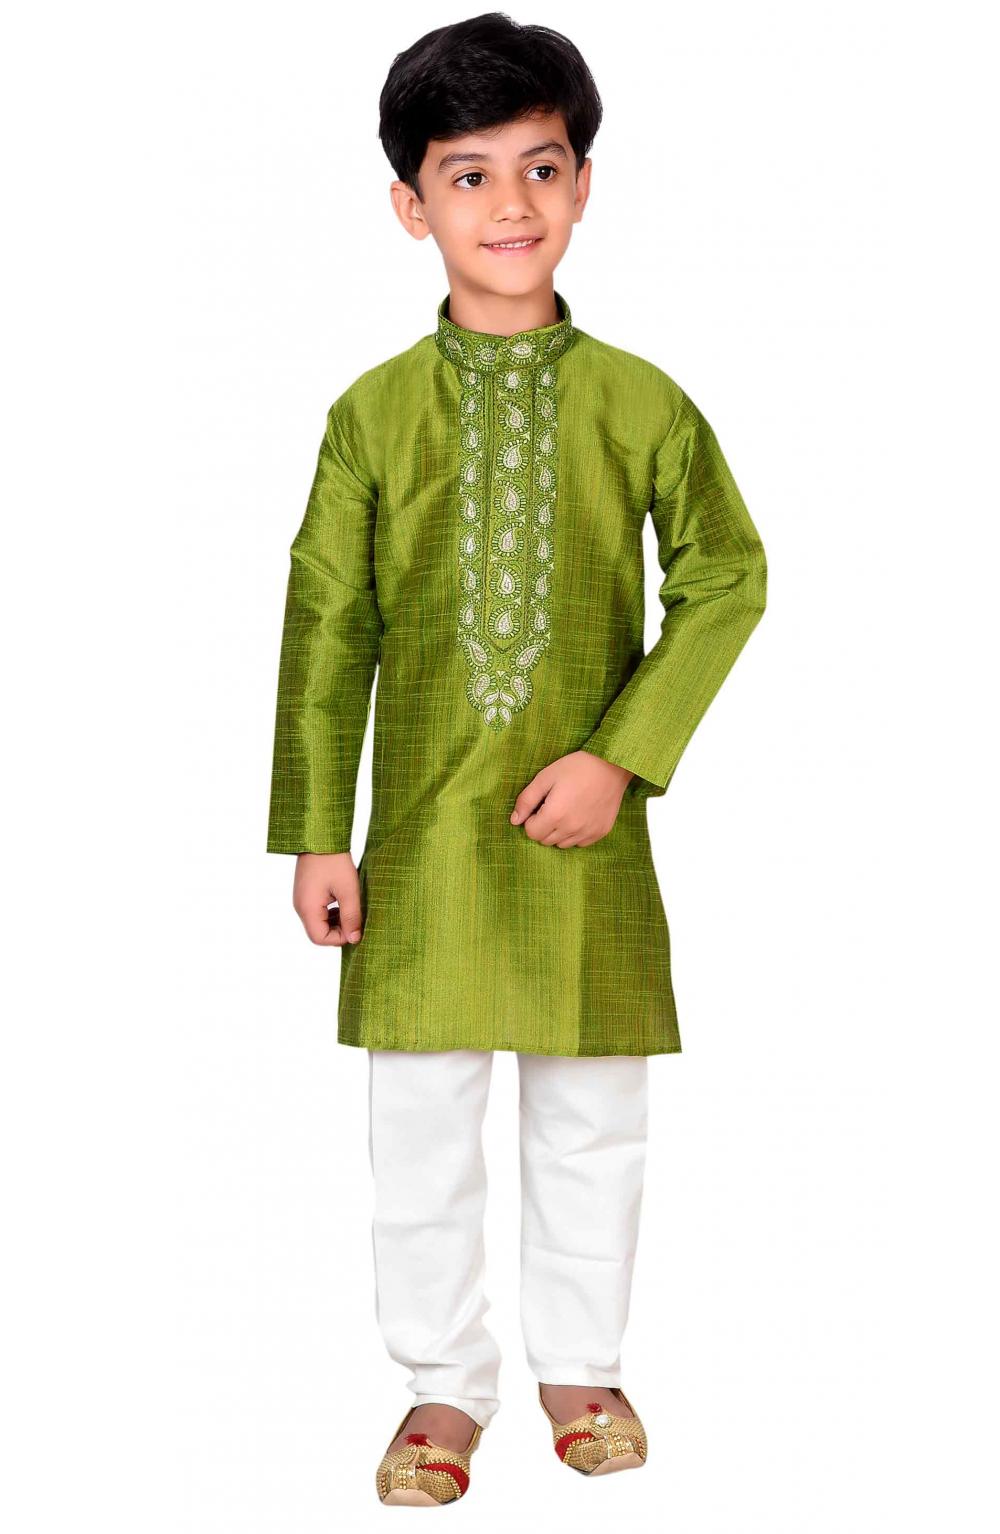 Indian Boys Sherwani Kurta With Churidar Pajama For Wedding